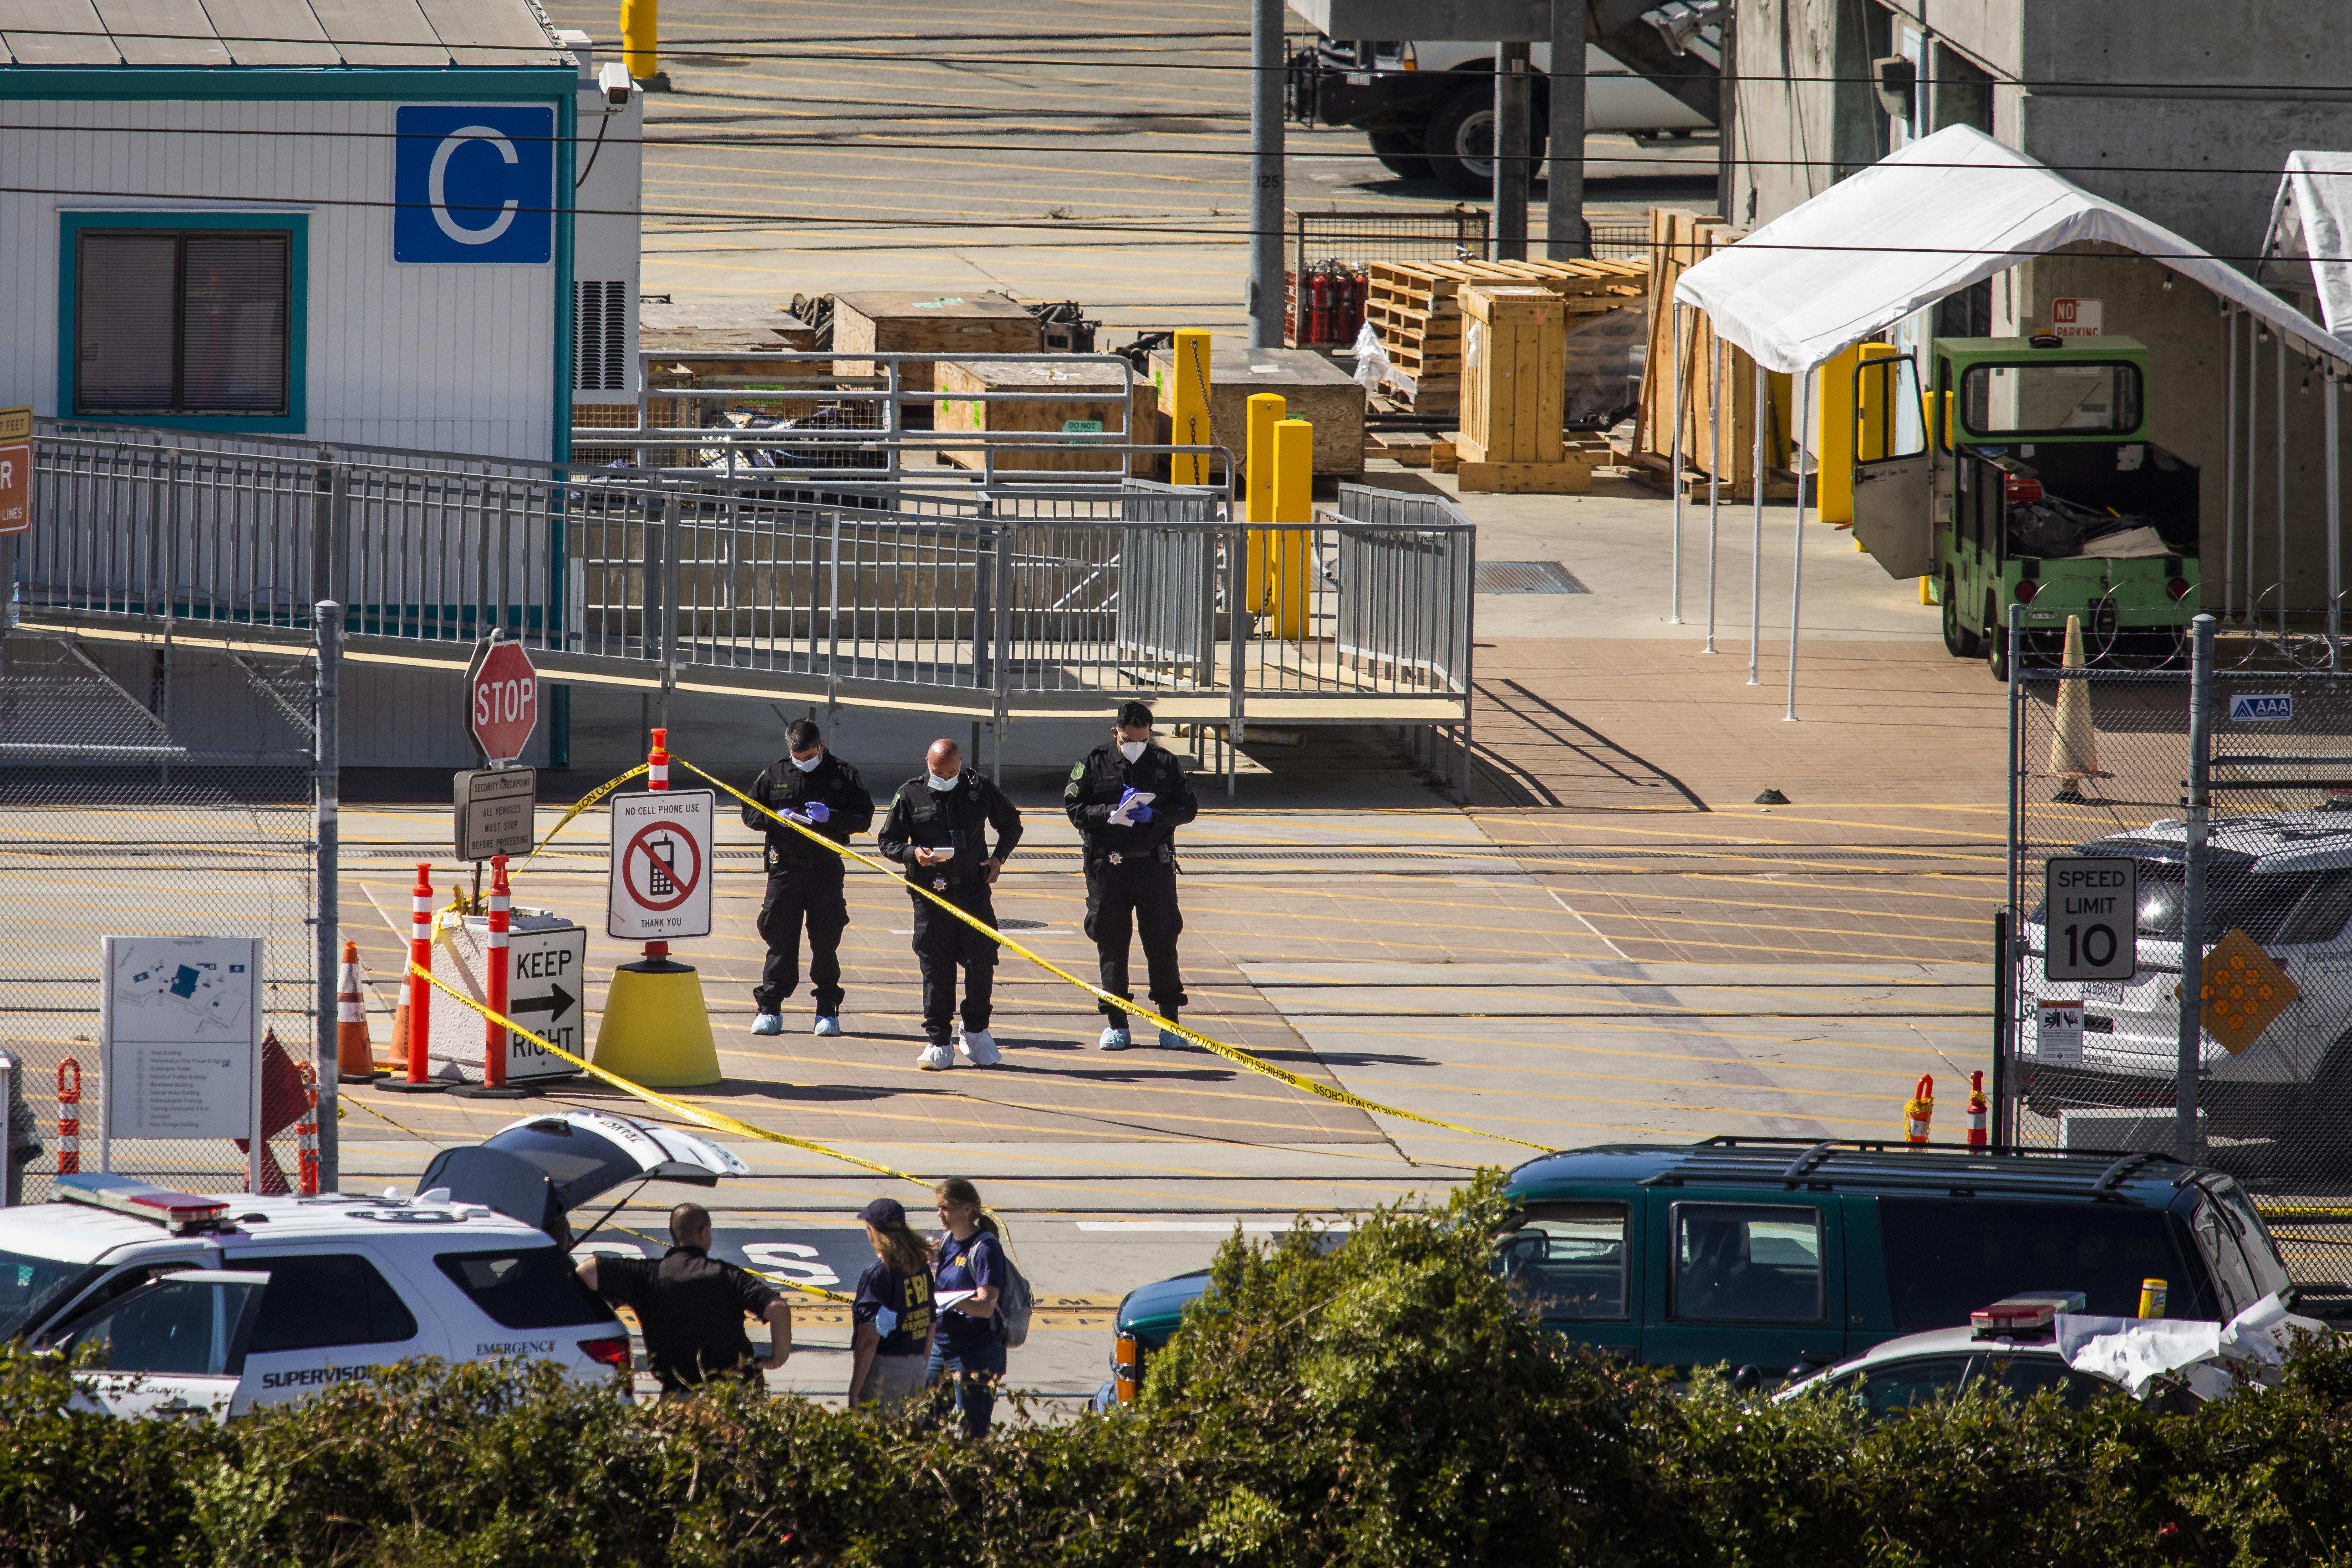 22 ezer töltényt, tucatnyi fegyvert és robbanóanyagokat találtak a San Jose-i tömeggyilkos házában